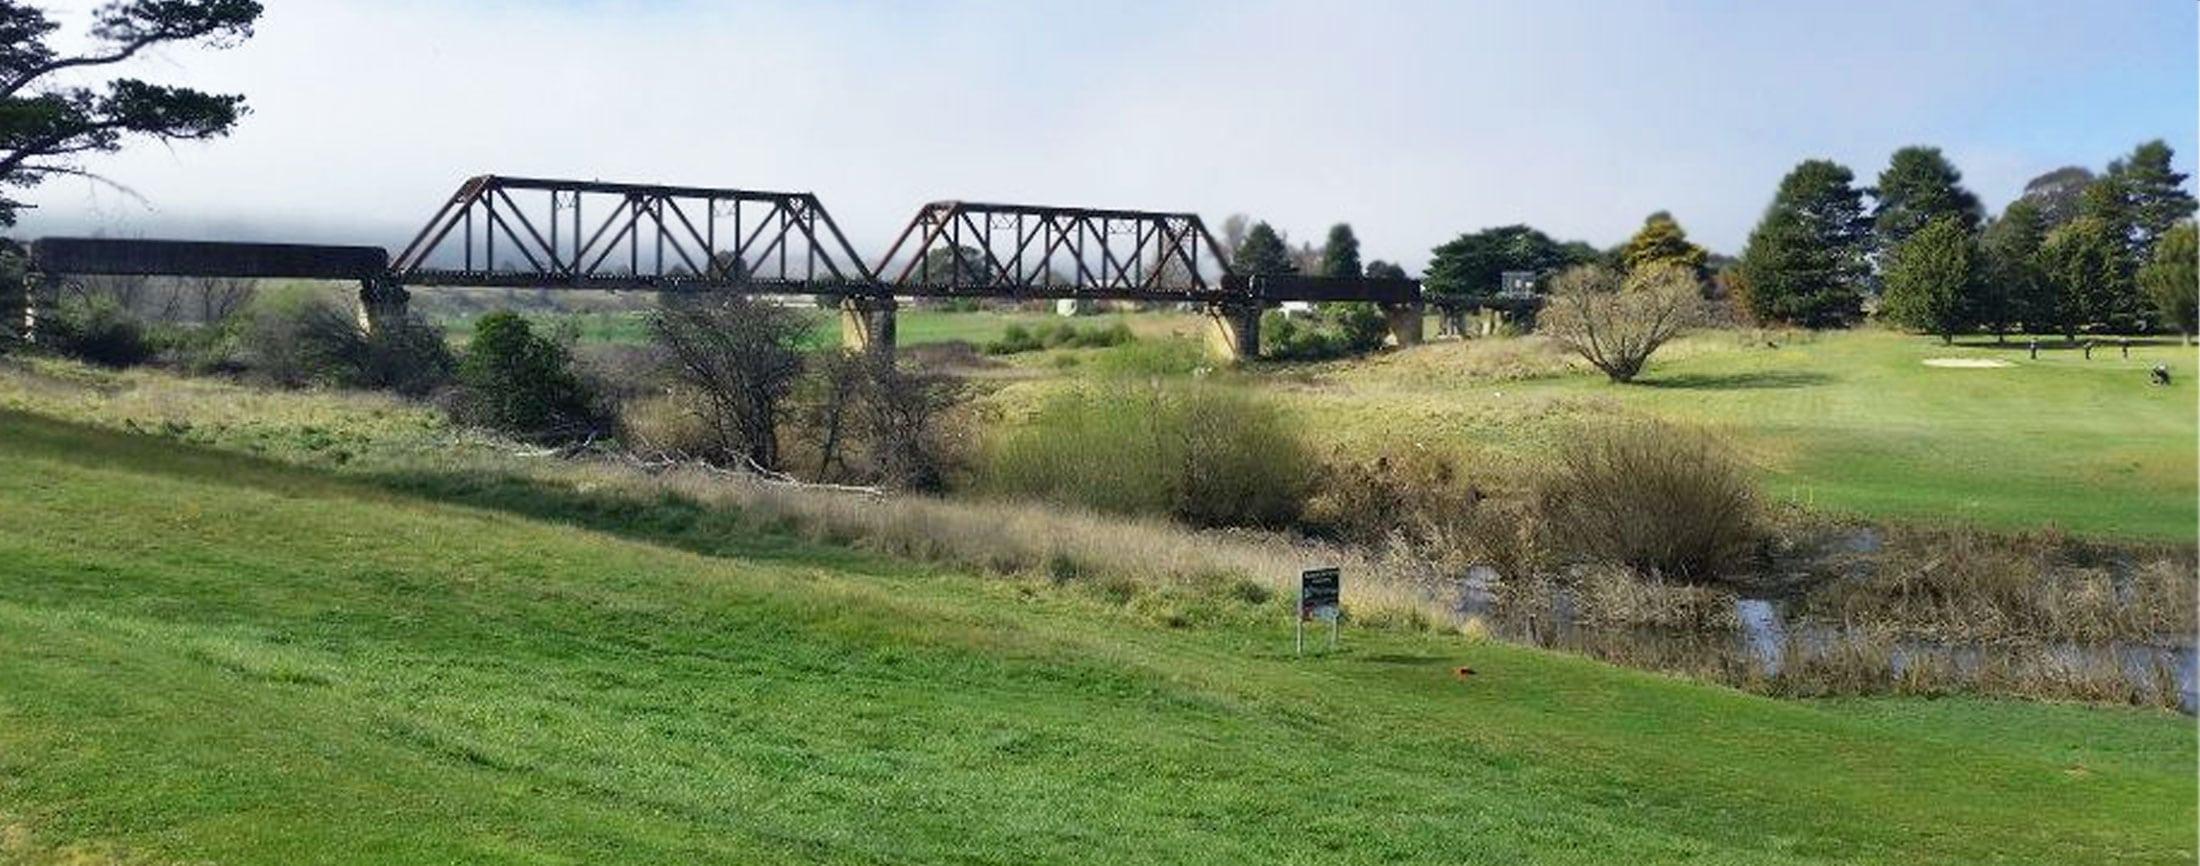 Tully Park Golf Club